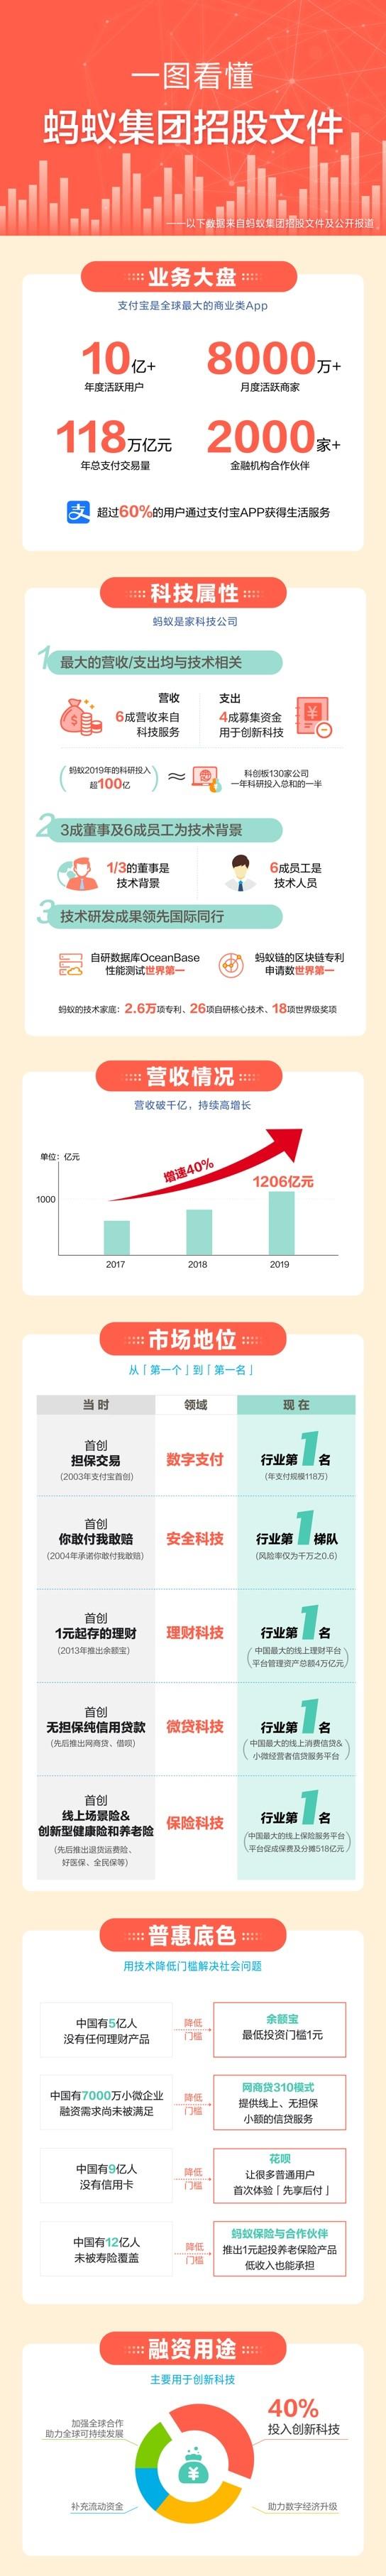 《【蓝冠代理怎么注册】蚂蚁集团上市招股书曝光:日入近4亿,上半年豪赚219.2亿元》